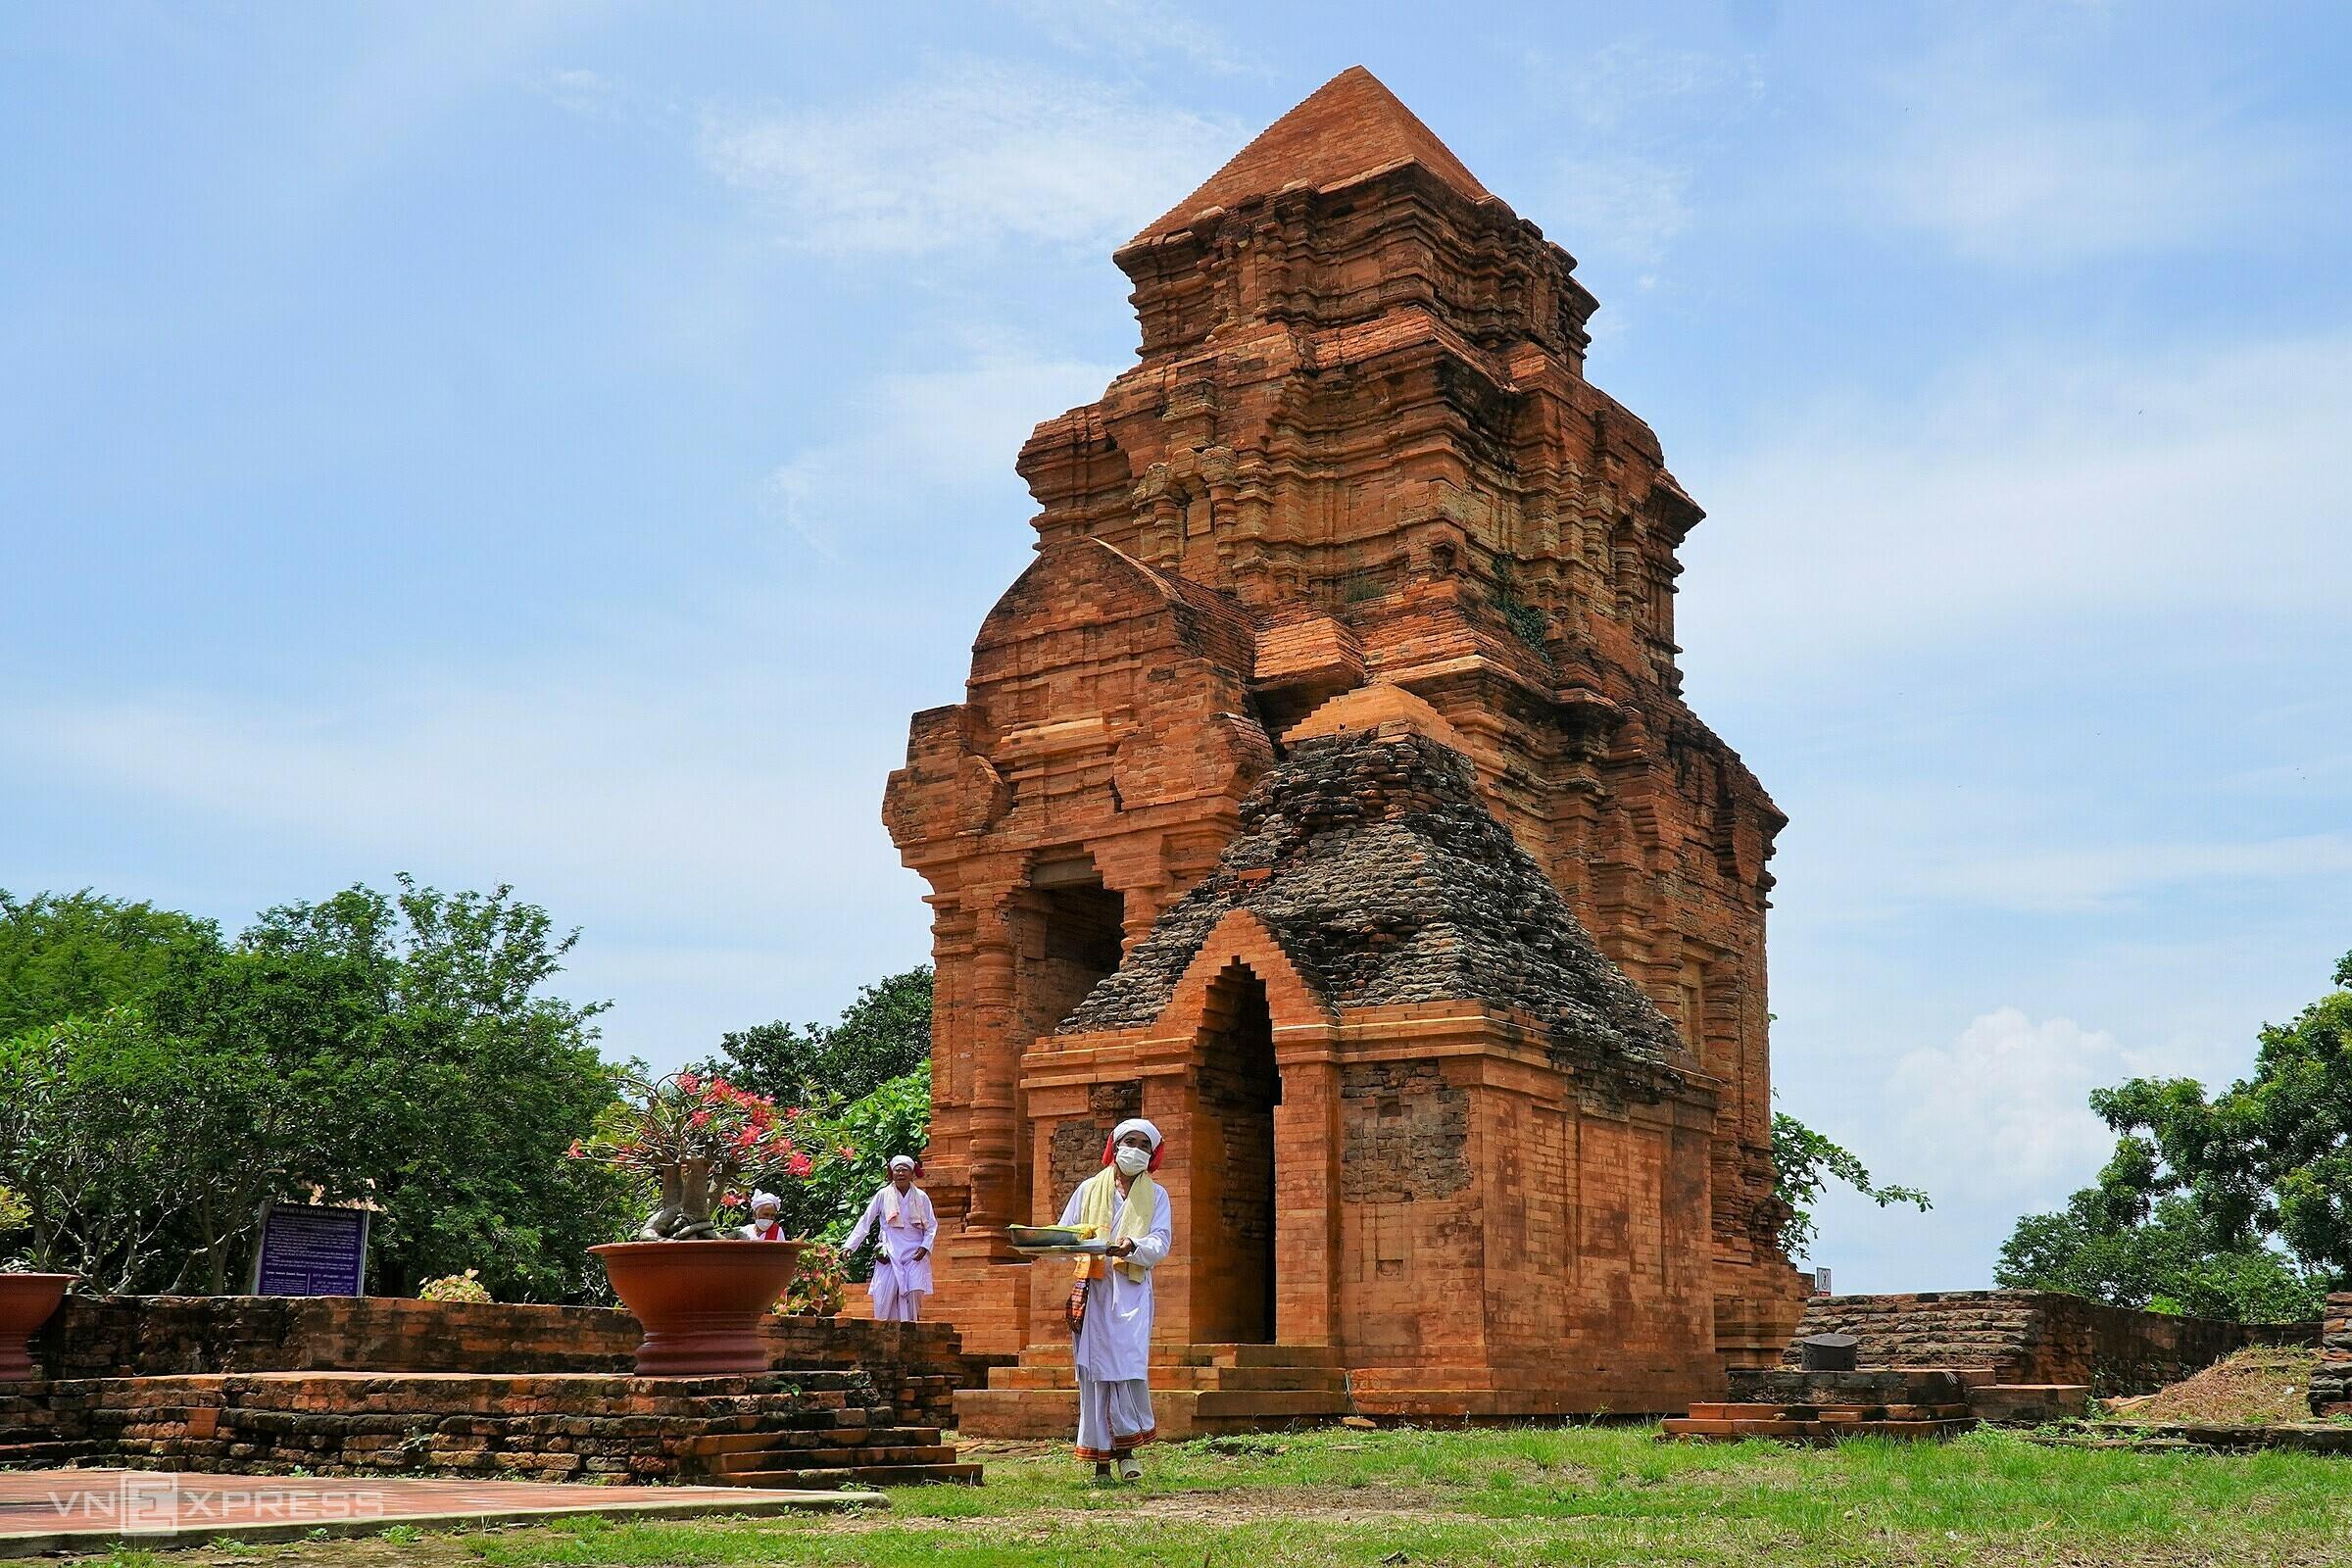 Tháp Chăm Pô Sha Inư (Phan Thiết) vắng lặng trong ngày lễ Katê, năm 2021. Ảnh: Việt Quốc